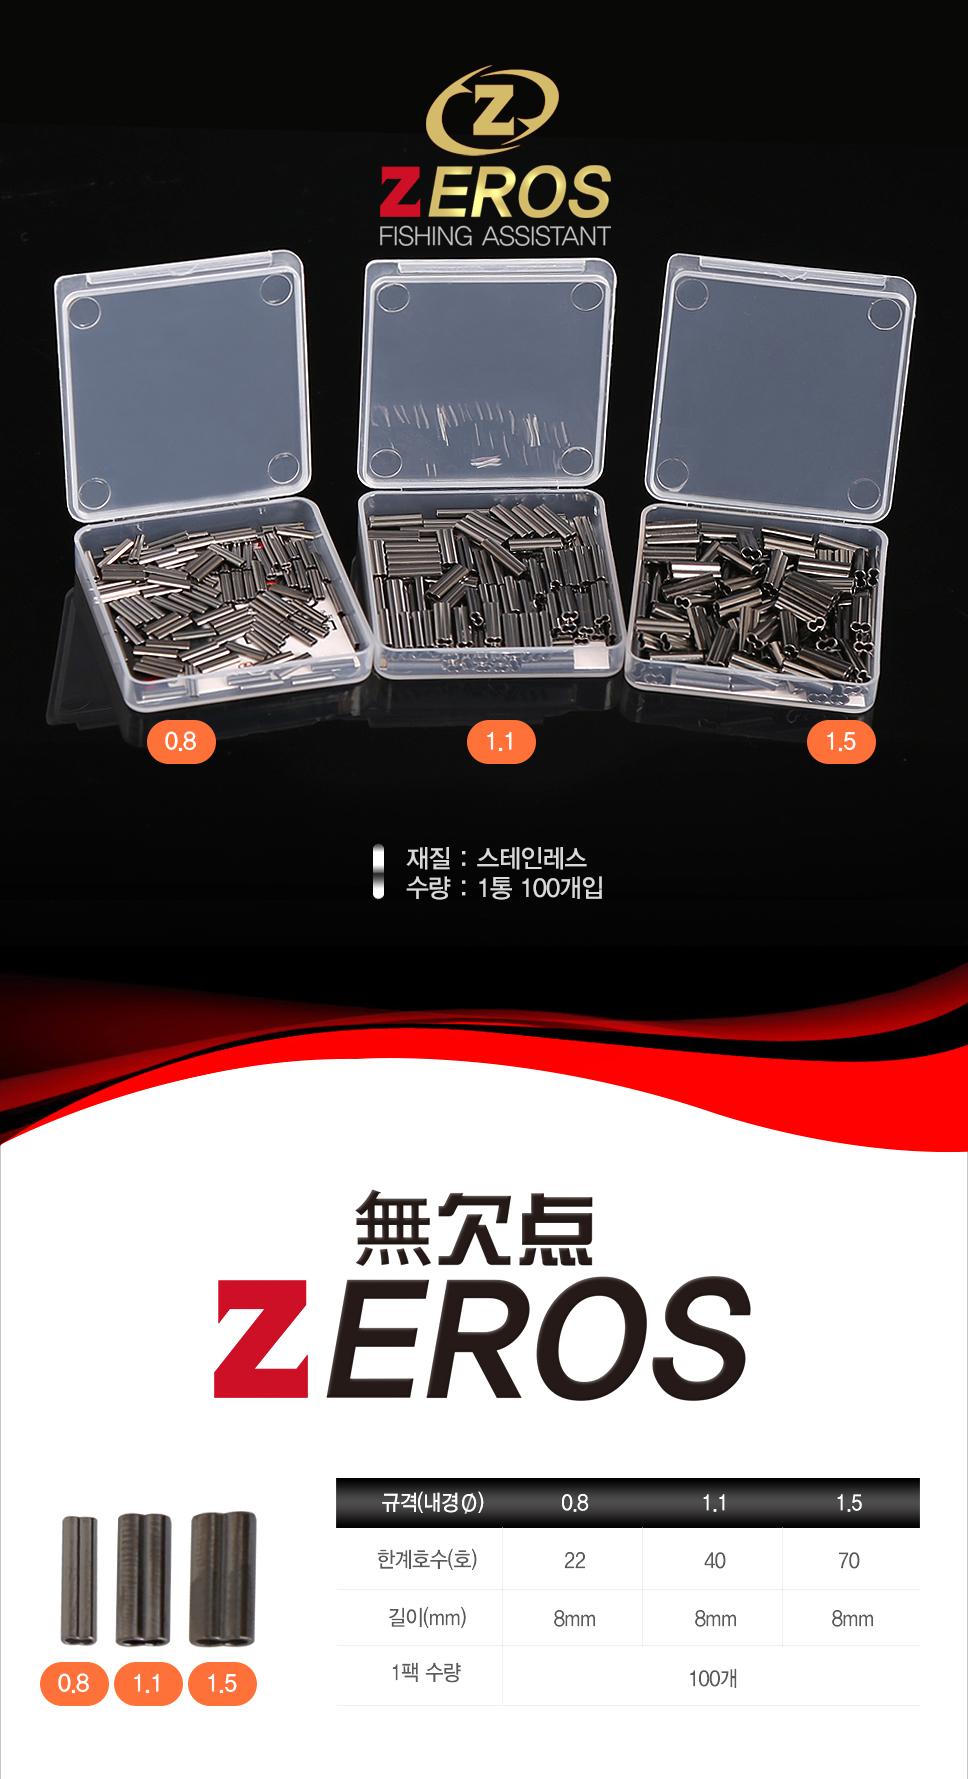 제로스 8자클립 (8자슬리브) ZE-H6058 더블슬리브 바다낚시채비소품